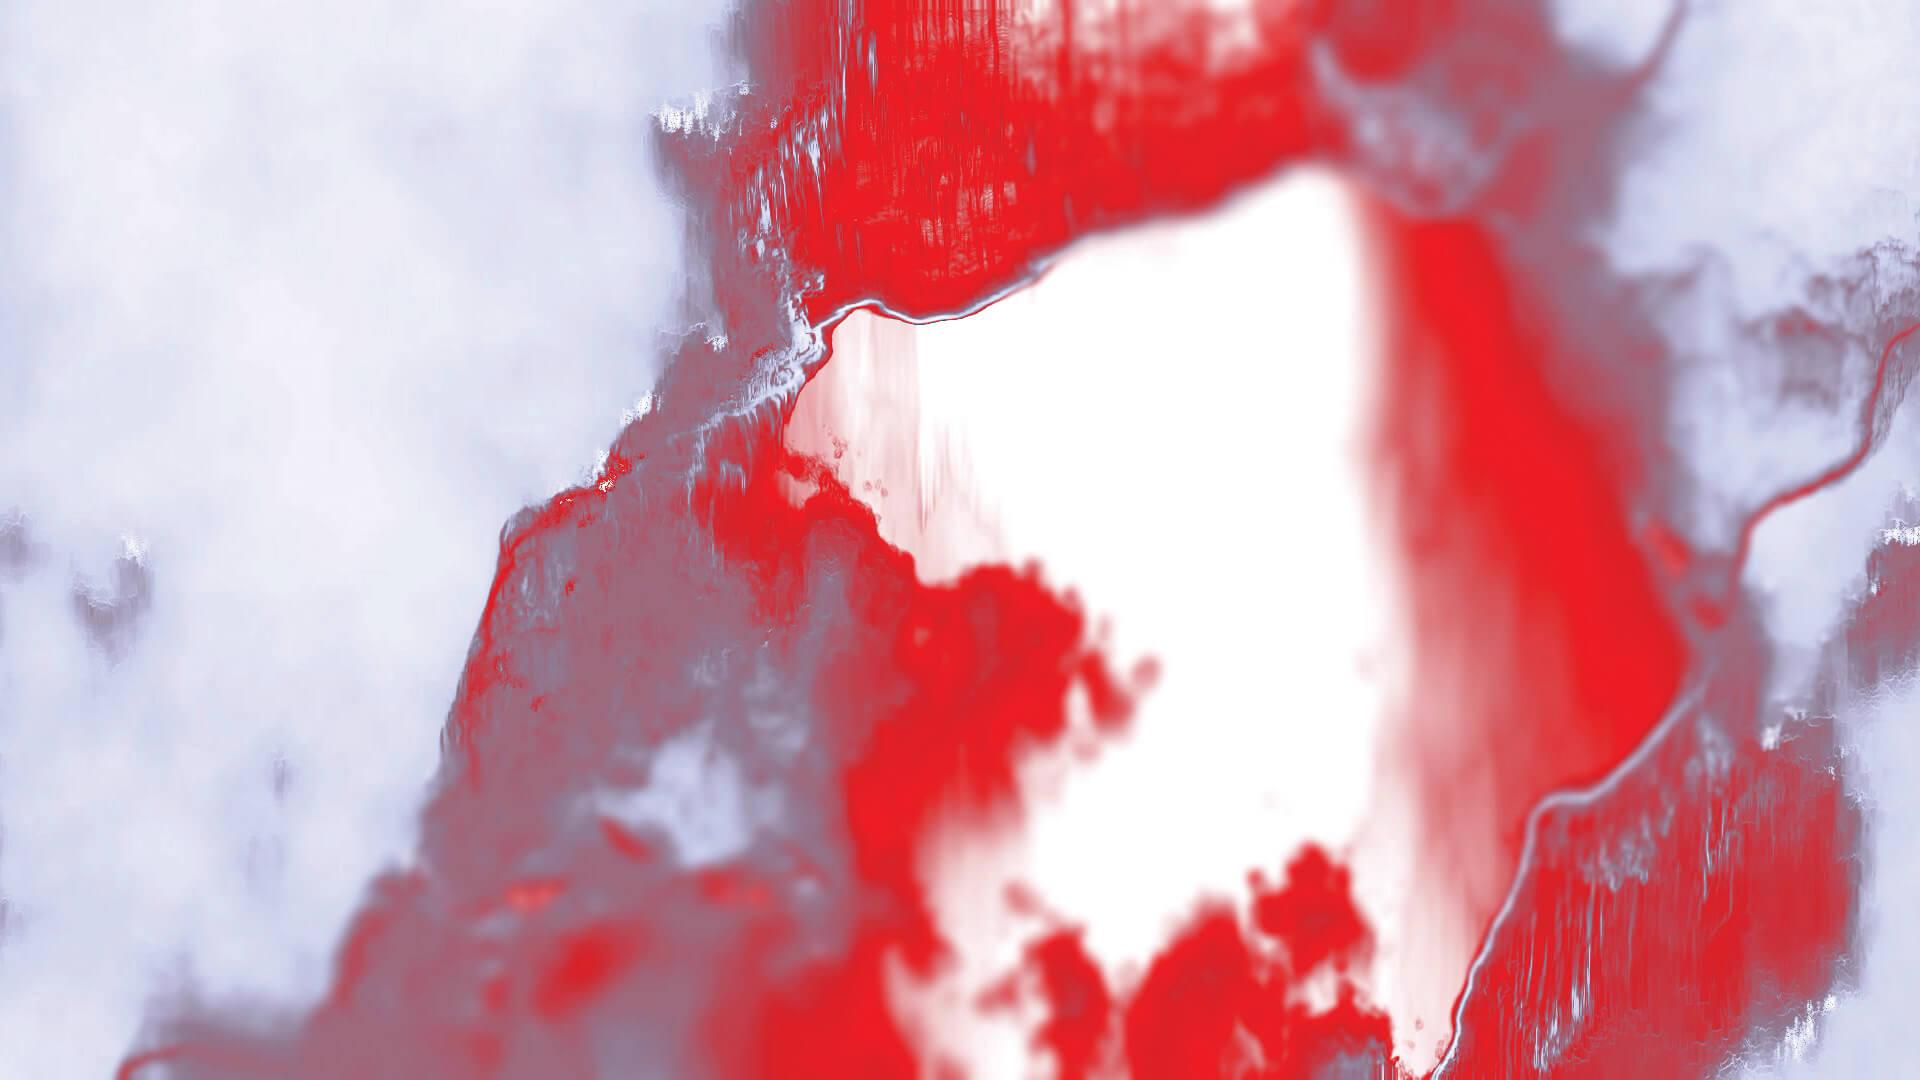 Dissolve by Maria Takeuchi | STIRworld